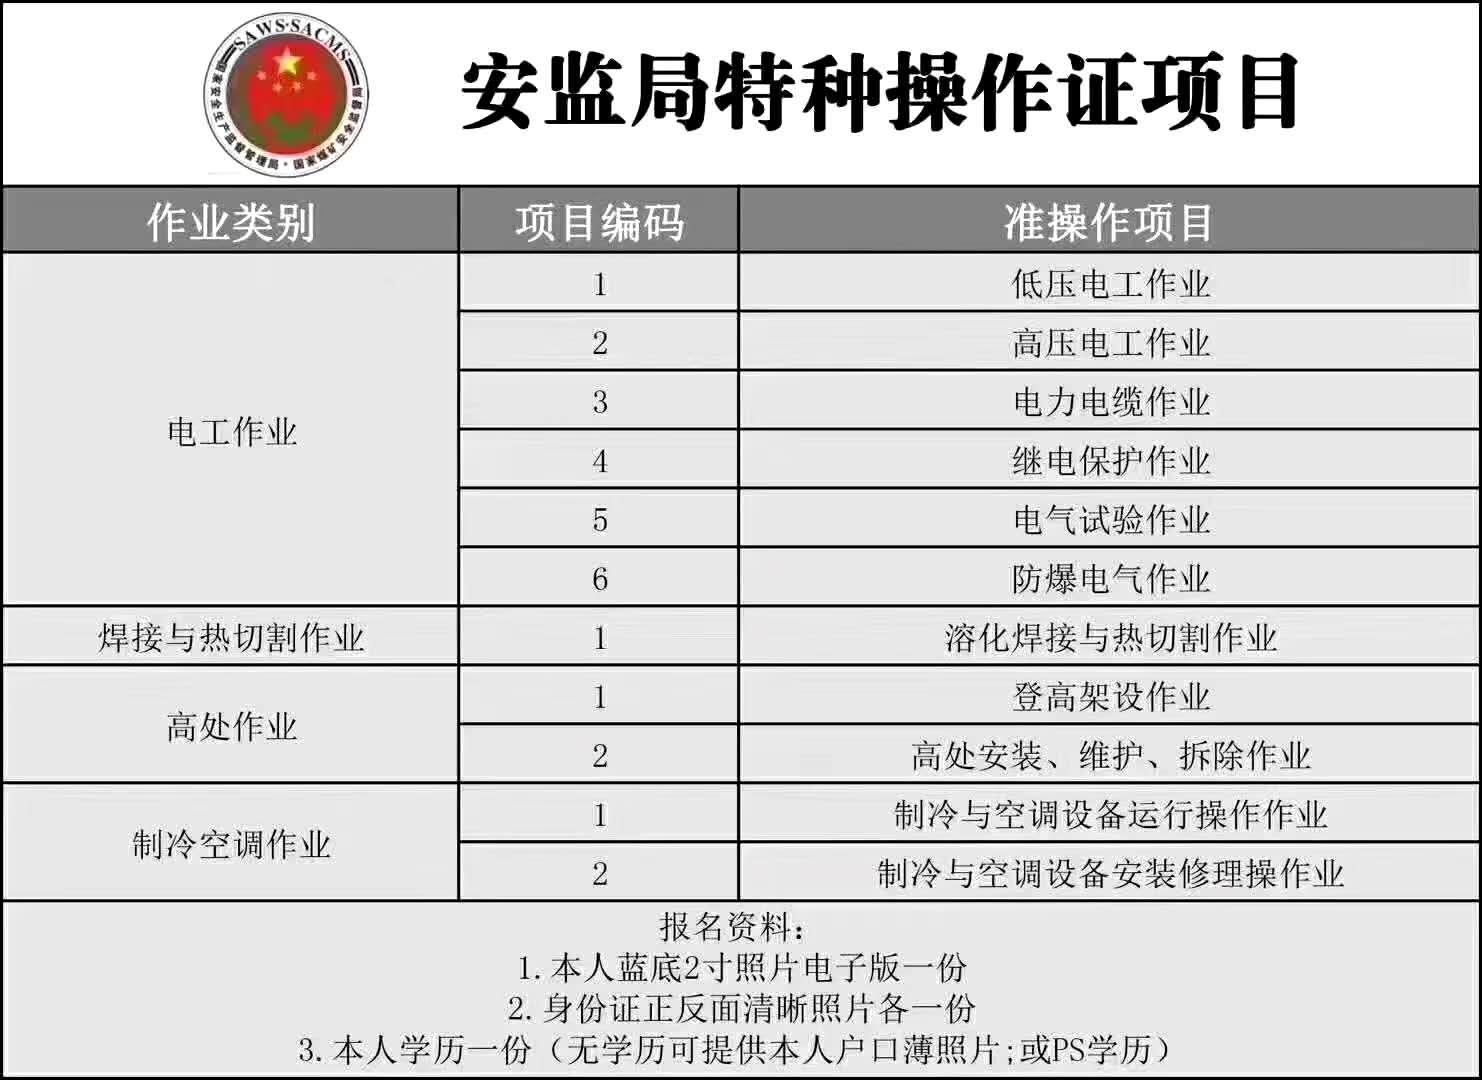 2021年湖北省安监局(国家应急管理部)特种作业操作证报名时间是什么时候?如何报名?什么时候考试呢?